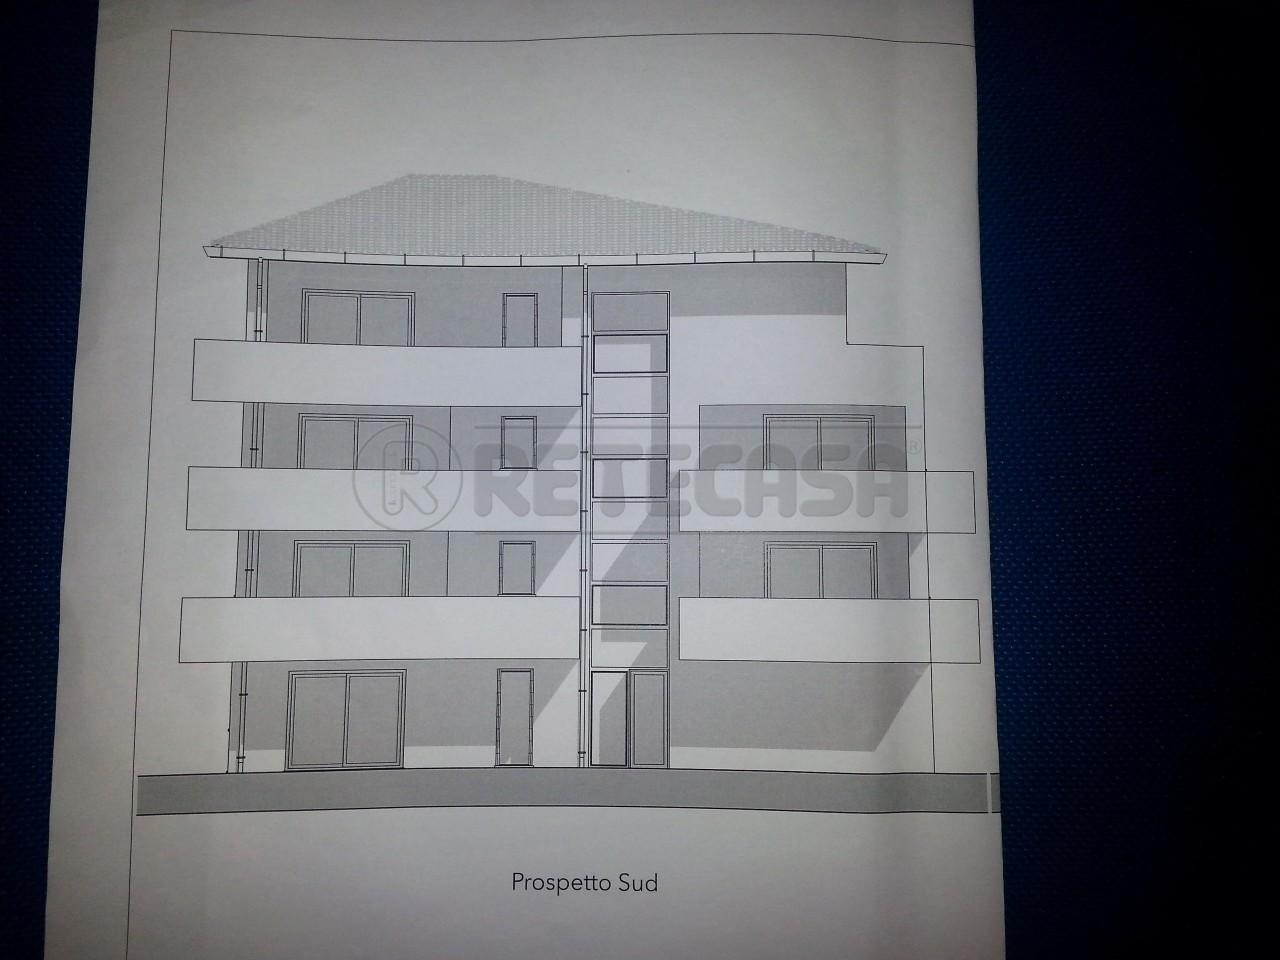 Attico / Mansarda in vendita a Mirano, 9999 locali, Trattative riservate   Cambio Casa.it